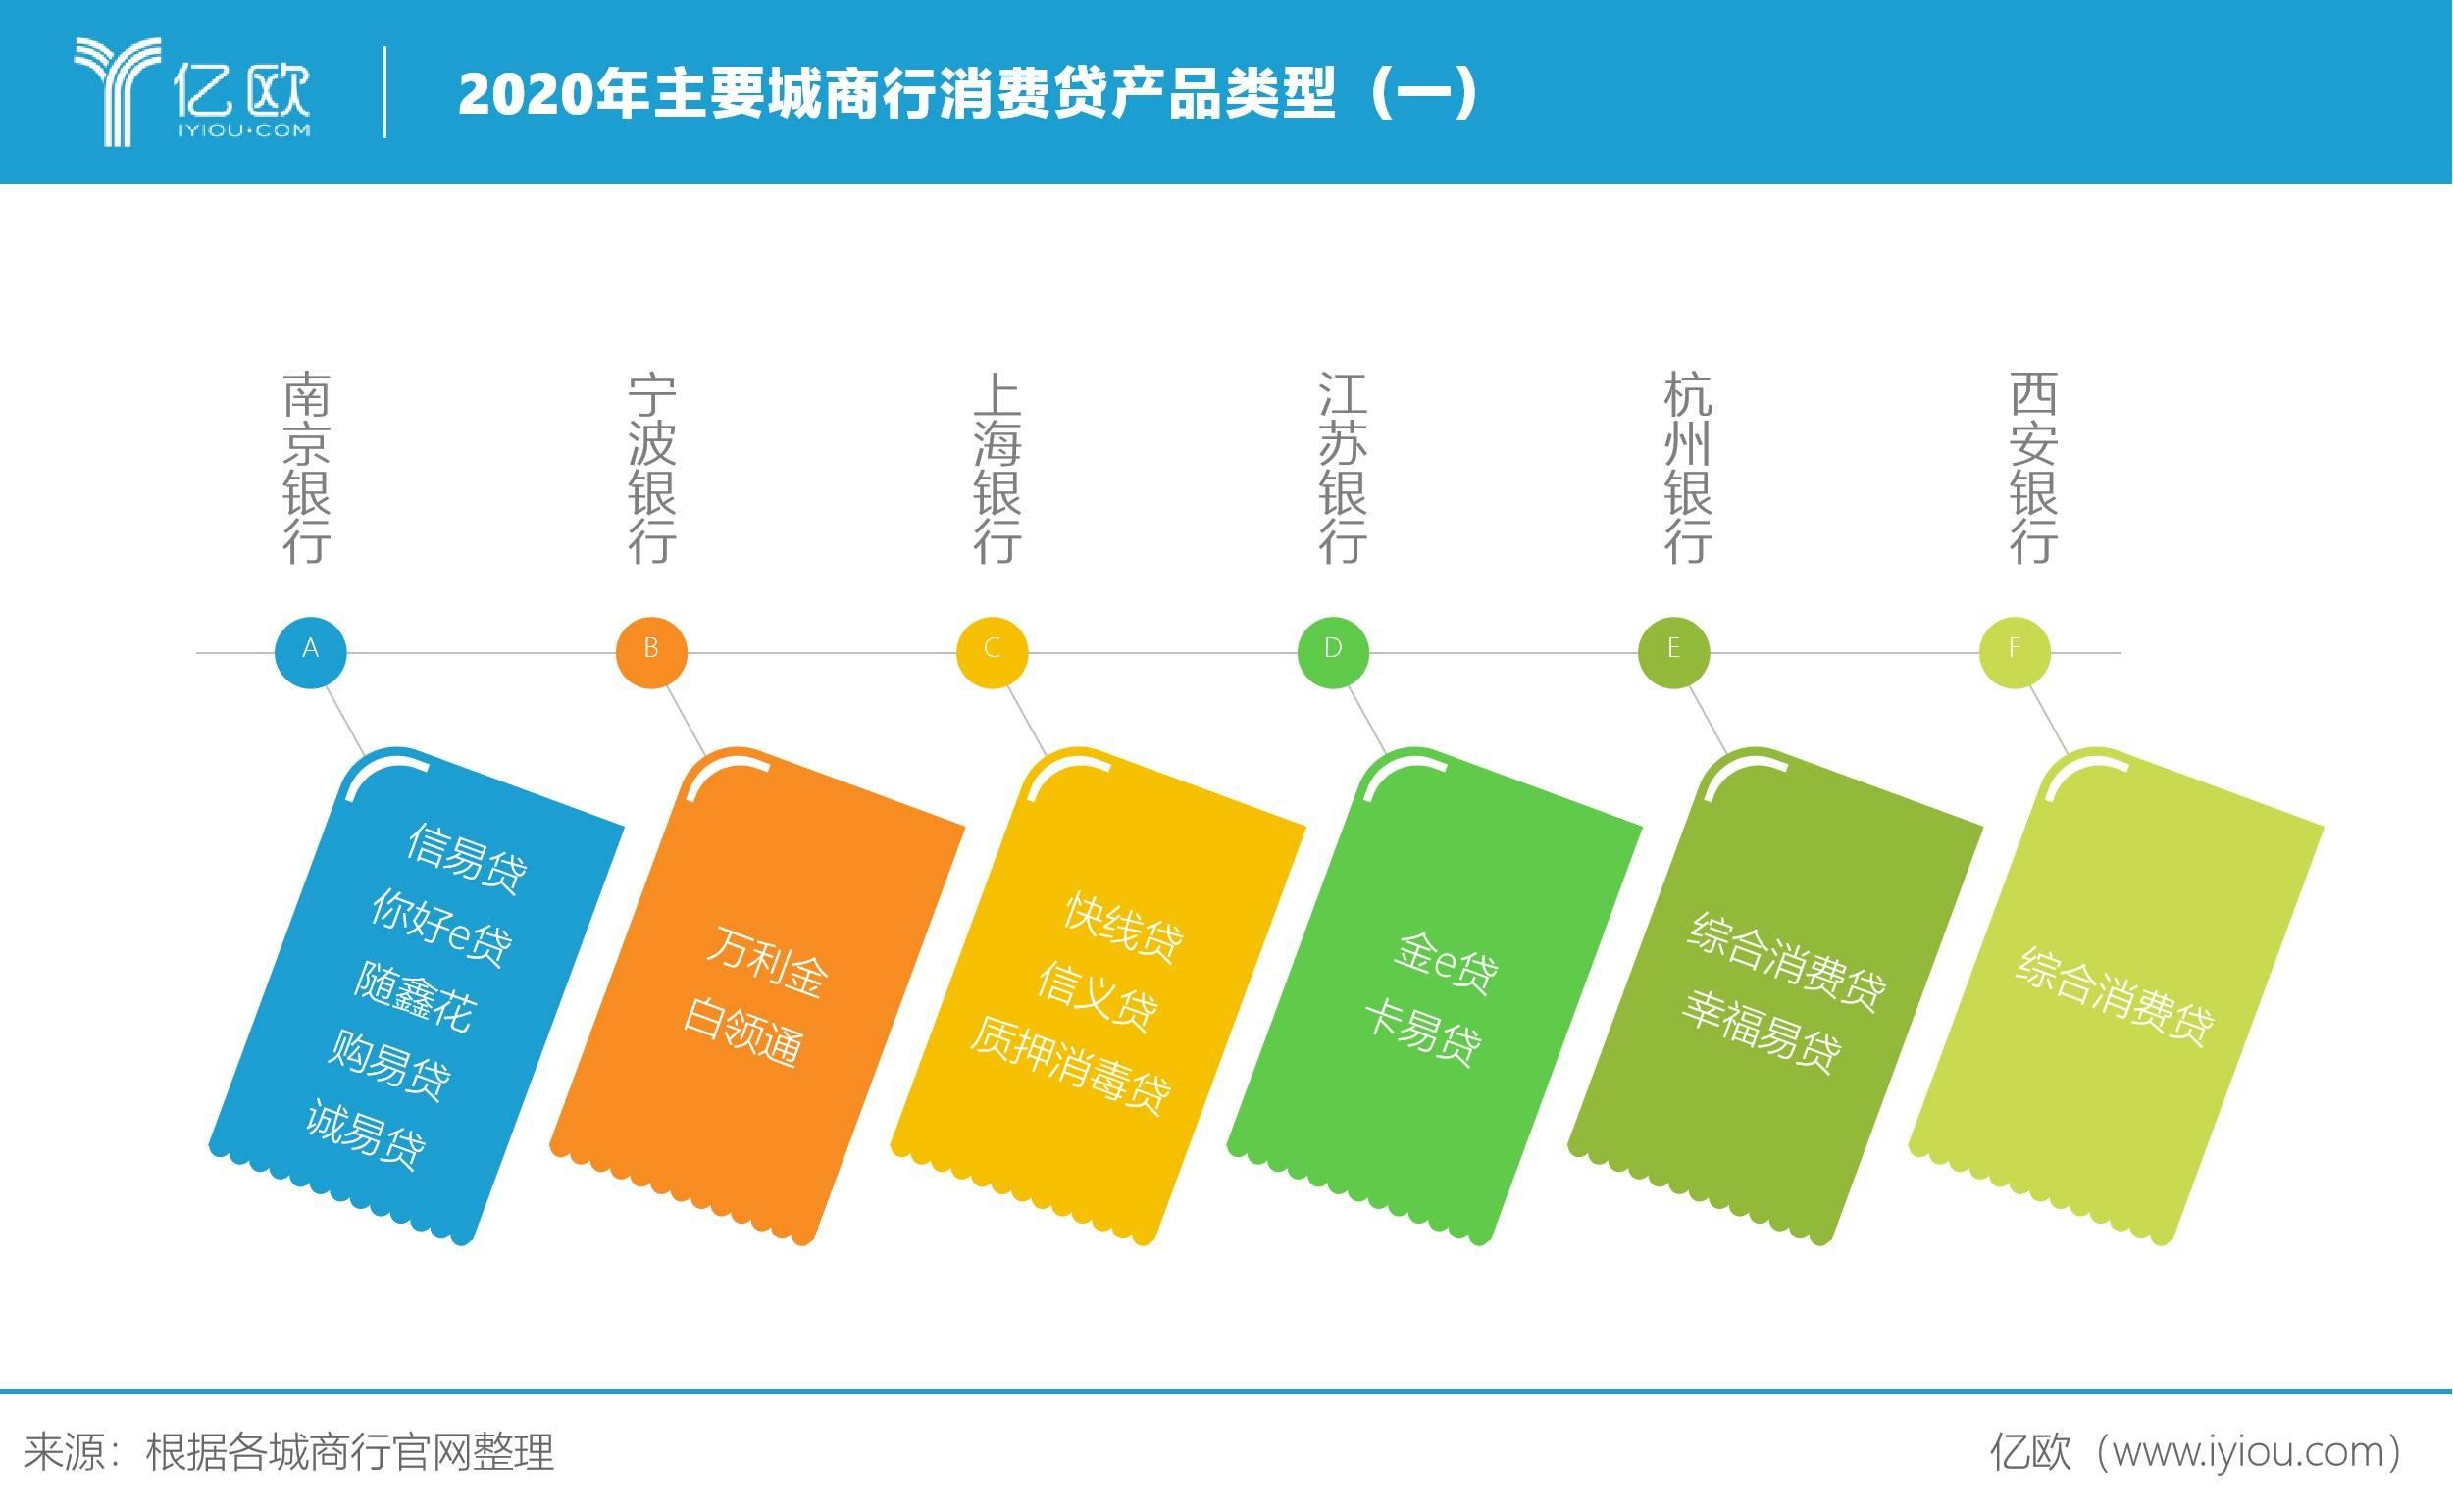 2020年主要城商行消费贷产品类型(一)